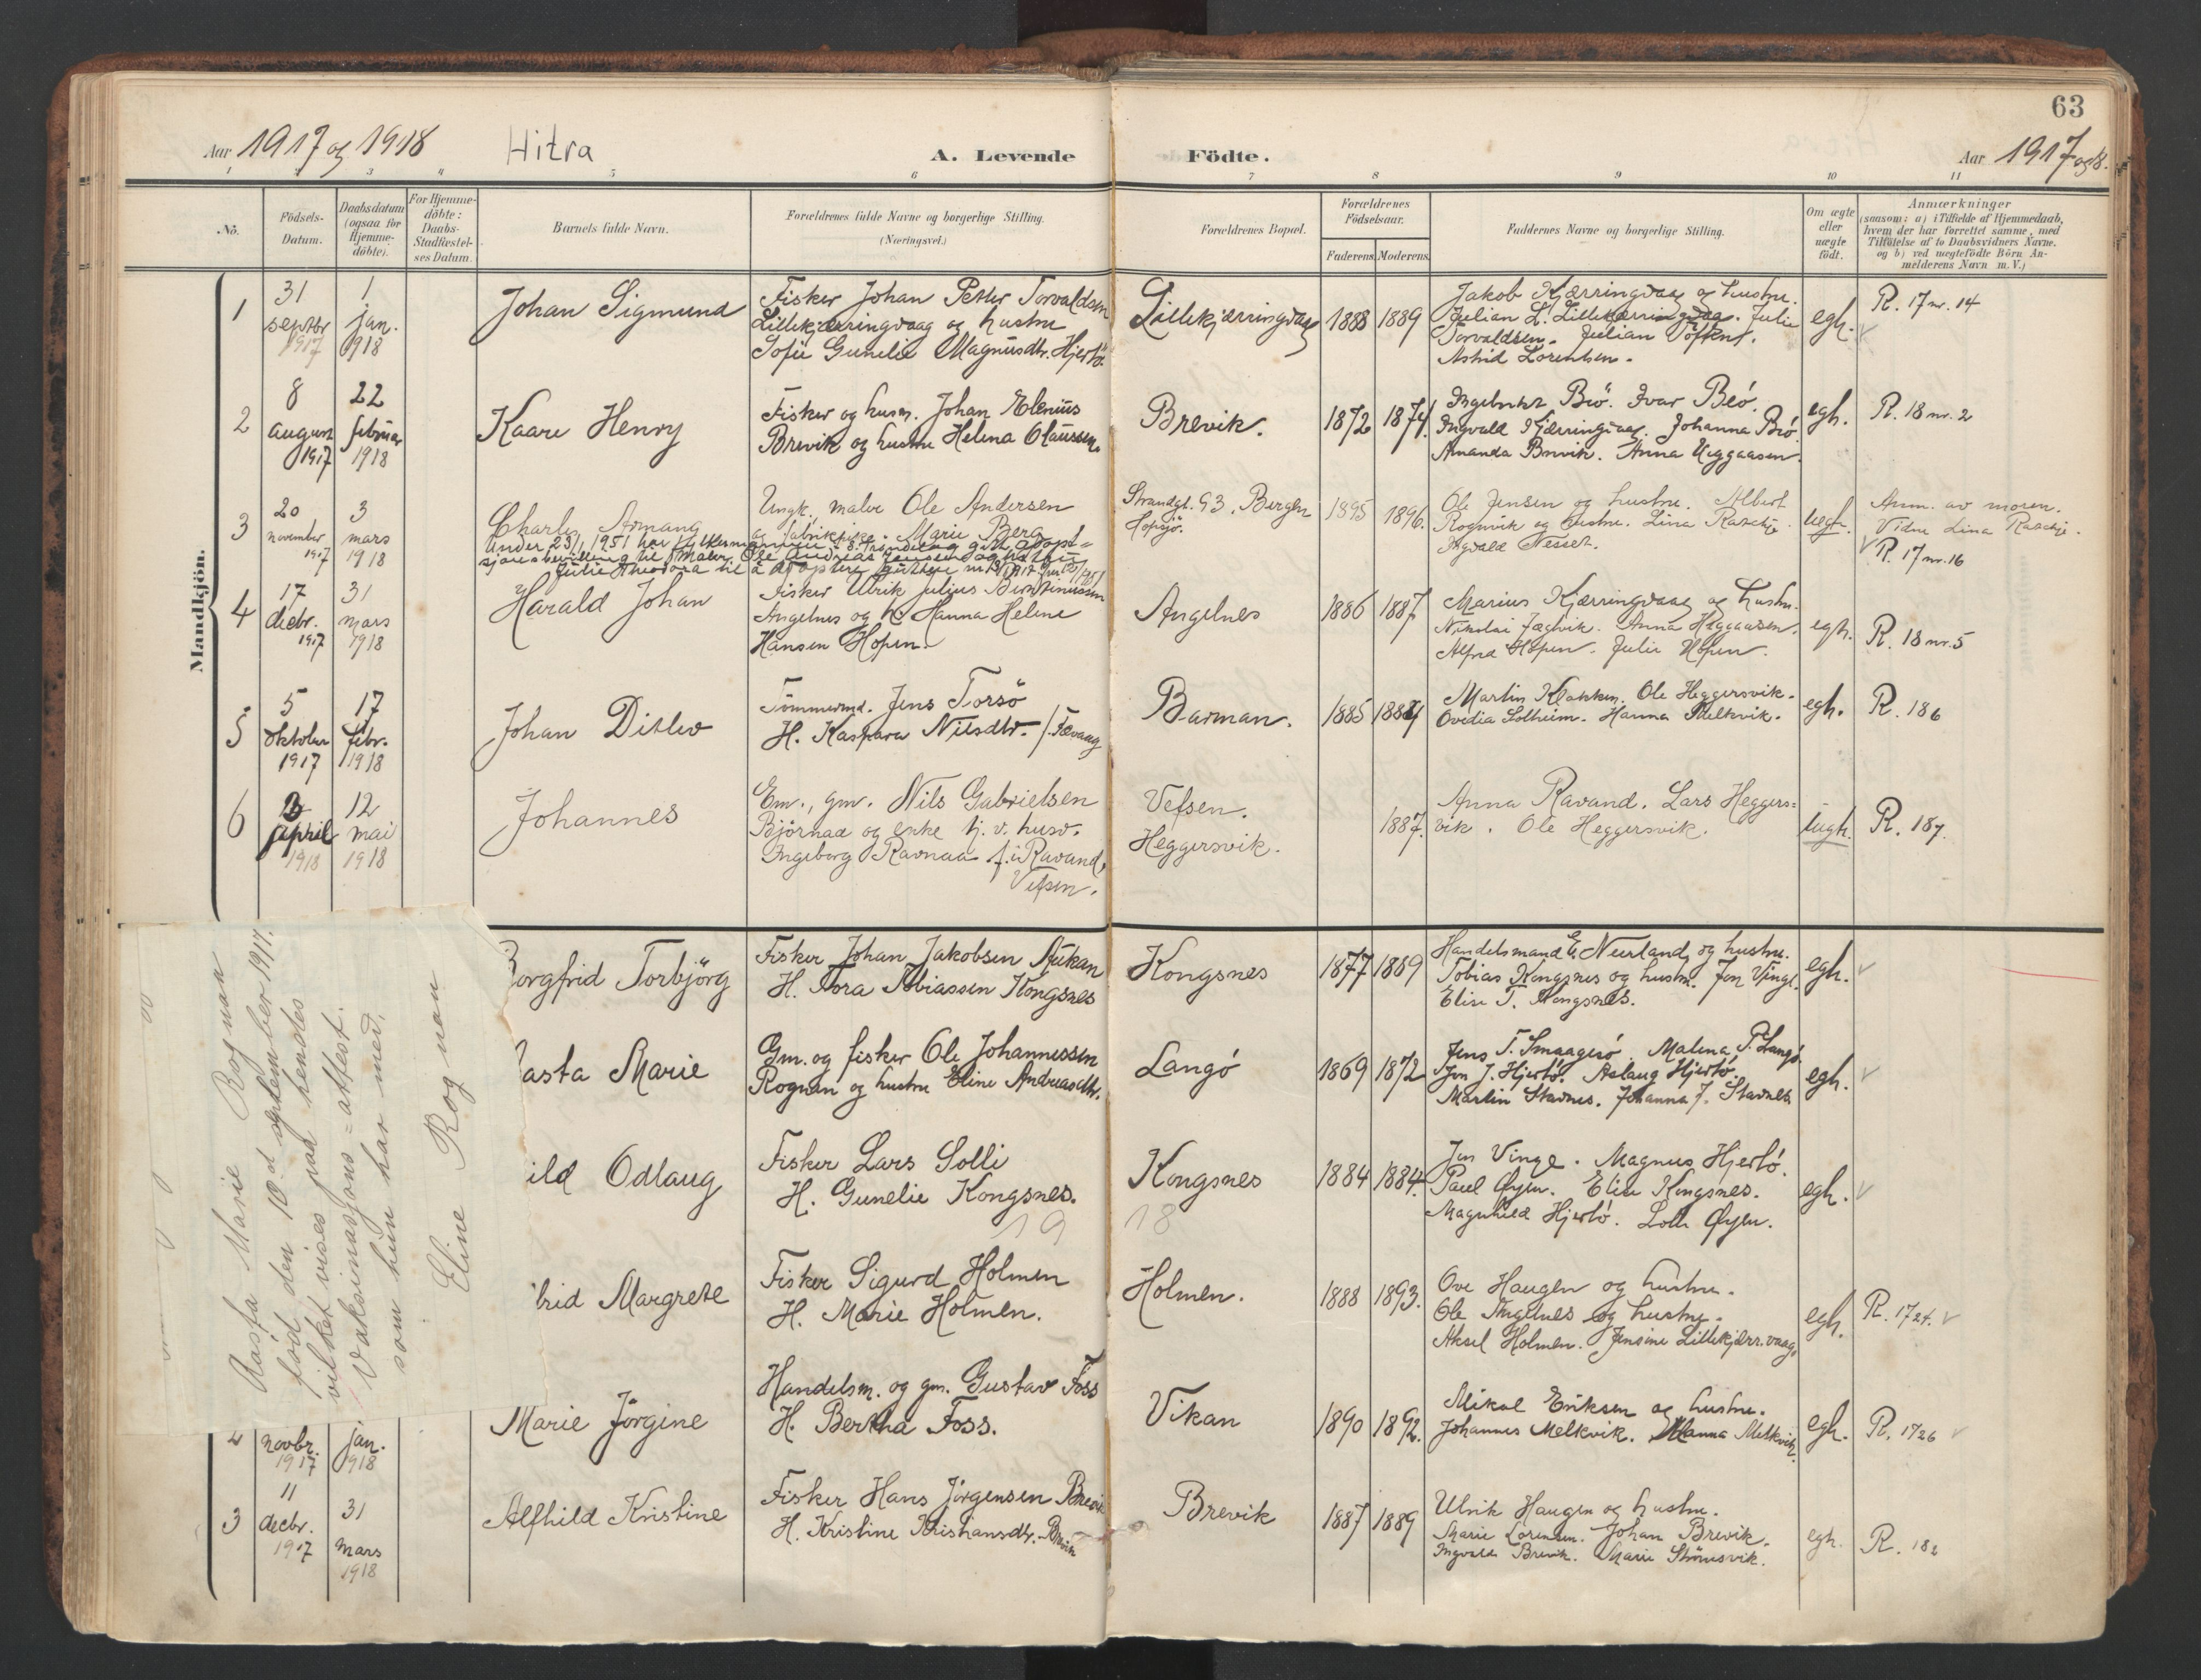 SAT, Ministerialprotokoller, klokkerbøker og fødselsregistre - Sør-Trøndelag, 634/L0537: Ministerialbok nr. 634A13, 1896-1922, s. 63